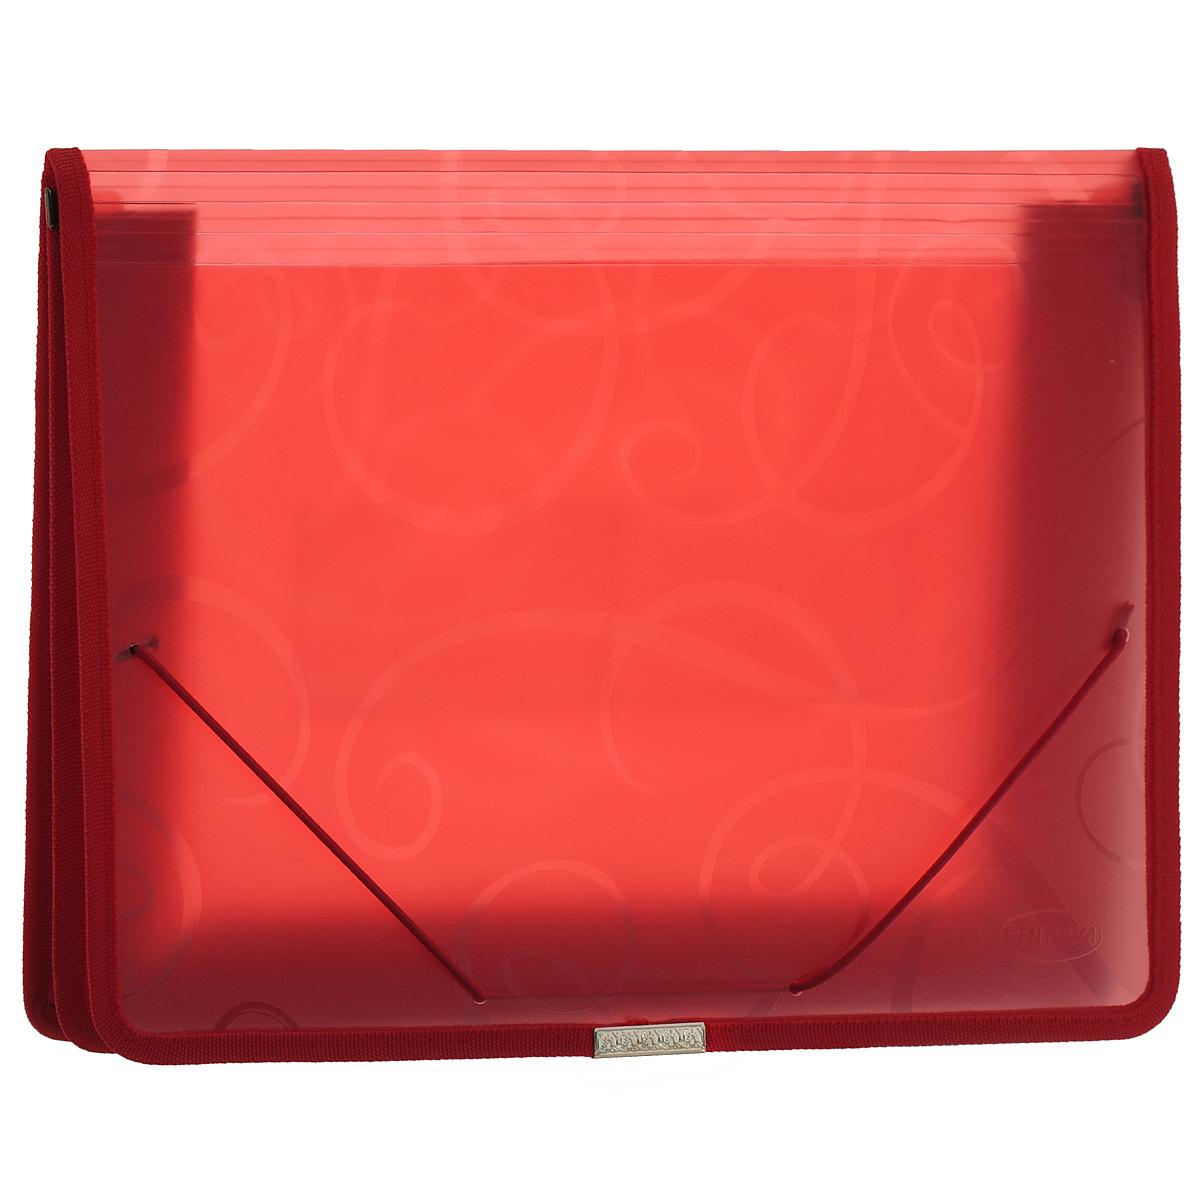 Centrum Папка-конверт на резинке цвет красный 80802К80802КПапка-конверт на резинке Centrum - это удобный и функциональный офисный инструмент, предназначенный для хранения и транспортировки рабочих бумаг и документов формата А4.Папка с двойной угловой фиксацией резиновой лентой изготовлена из износостойкого полупрозрачного полипропилена. Внутри папка имеет одно объемное отделение повышенной вместимости и 2 прозрачных открытых кармашка. Грани папки отделаны полиэстером, что обеспечивает дополнительную прочность и опрятный вид папки. Клапан украшен декоративным металлическим элементом. Папка оформлена тиснением в виде абстрактного орнамента.Папка - это незаменимый атрибут для студента, школьника, офисного работника. Такая папка надежно сохранит ваши документы и сбережет их от повреждений, пыли и влаги.